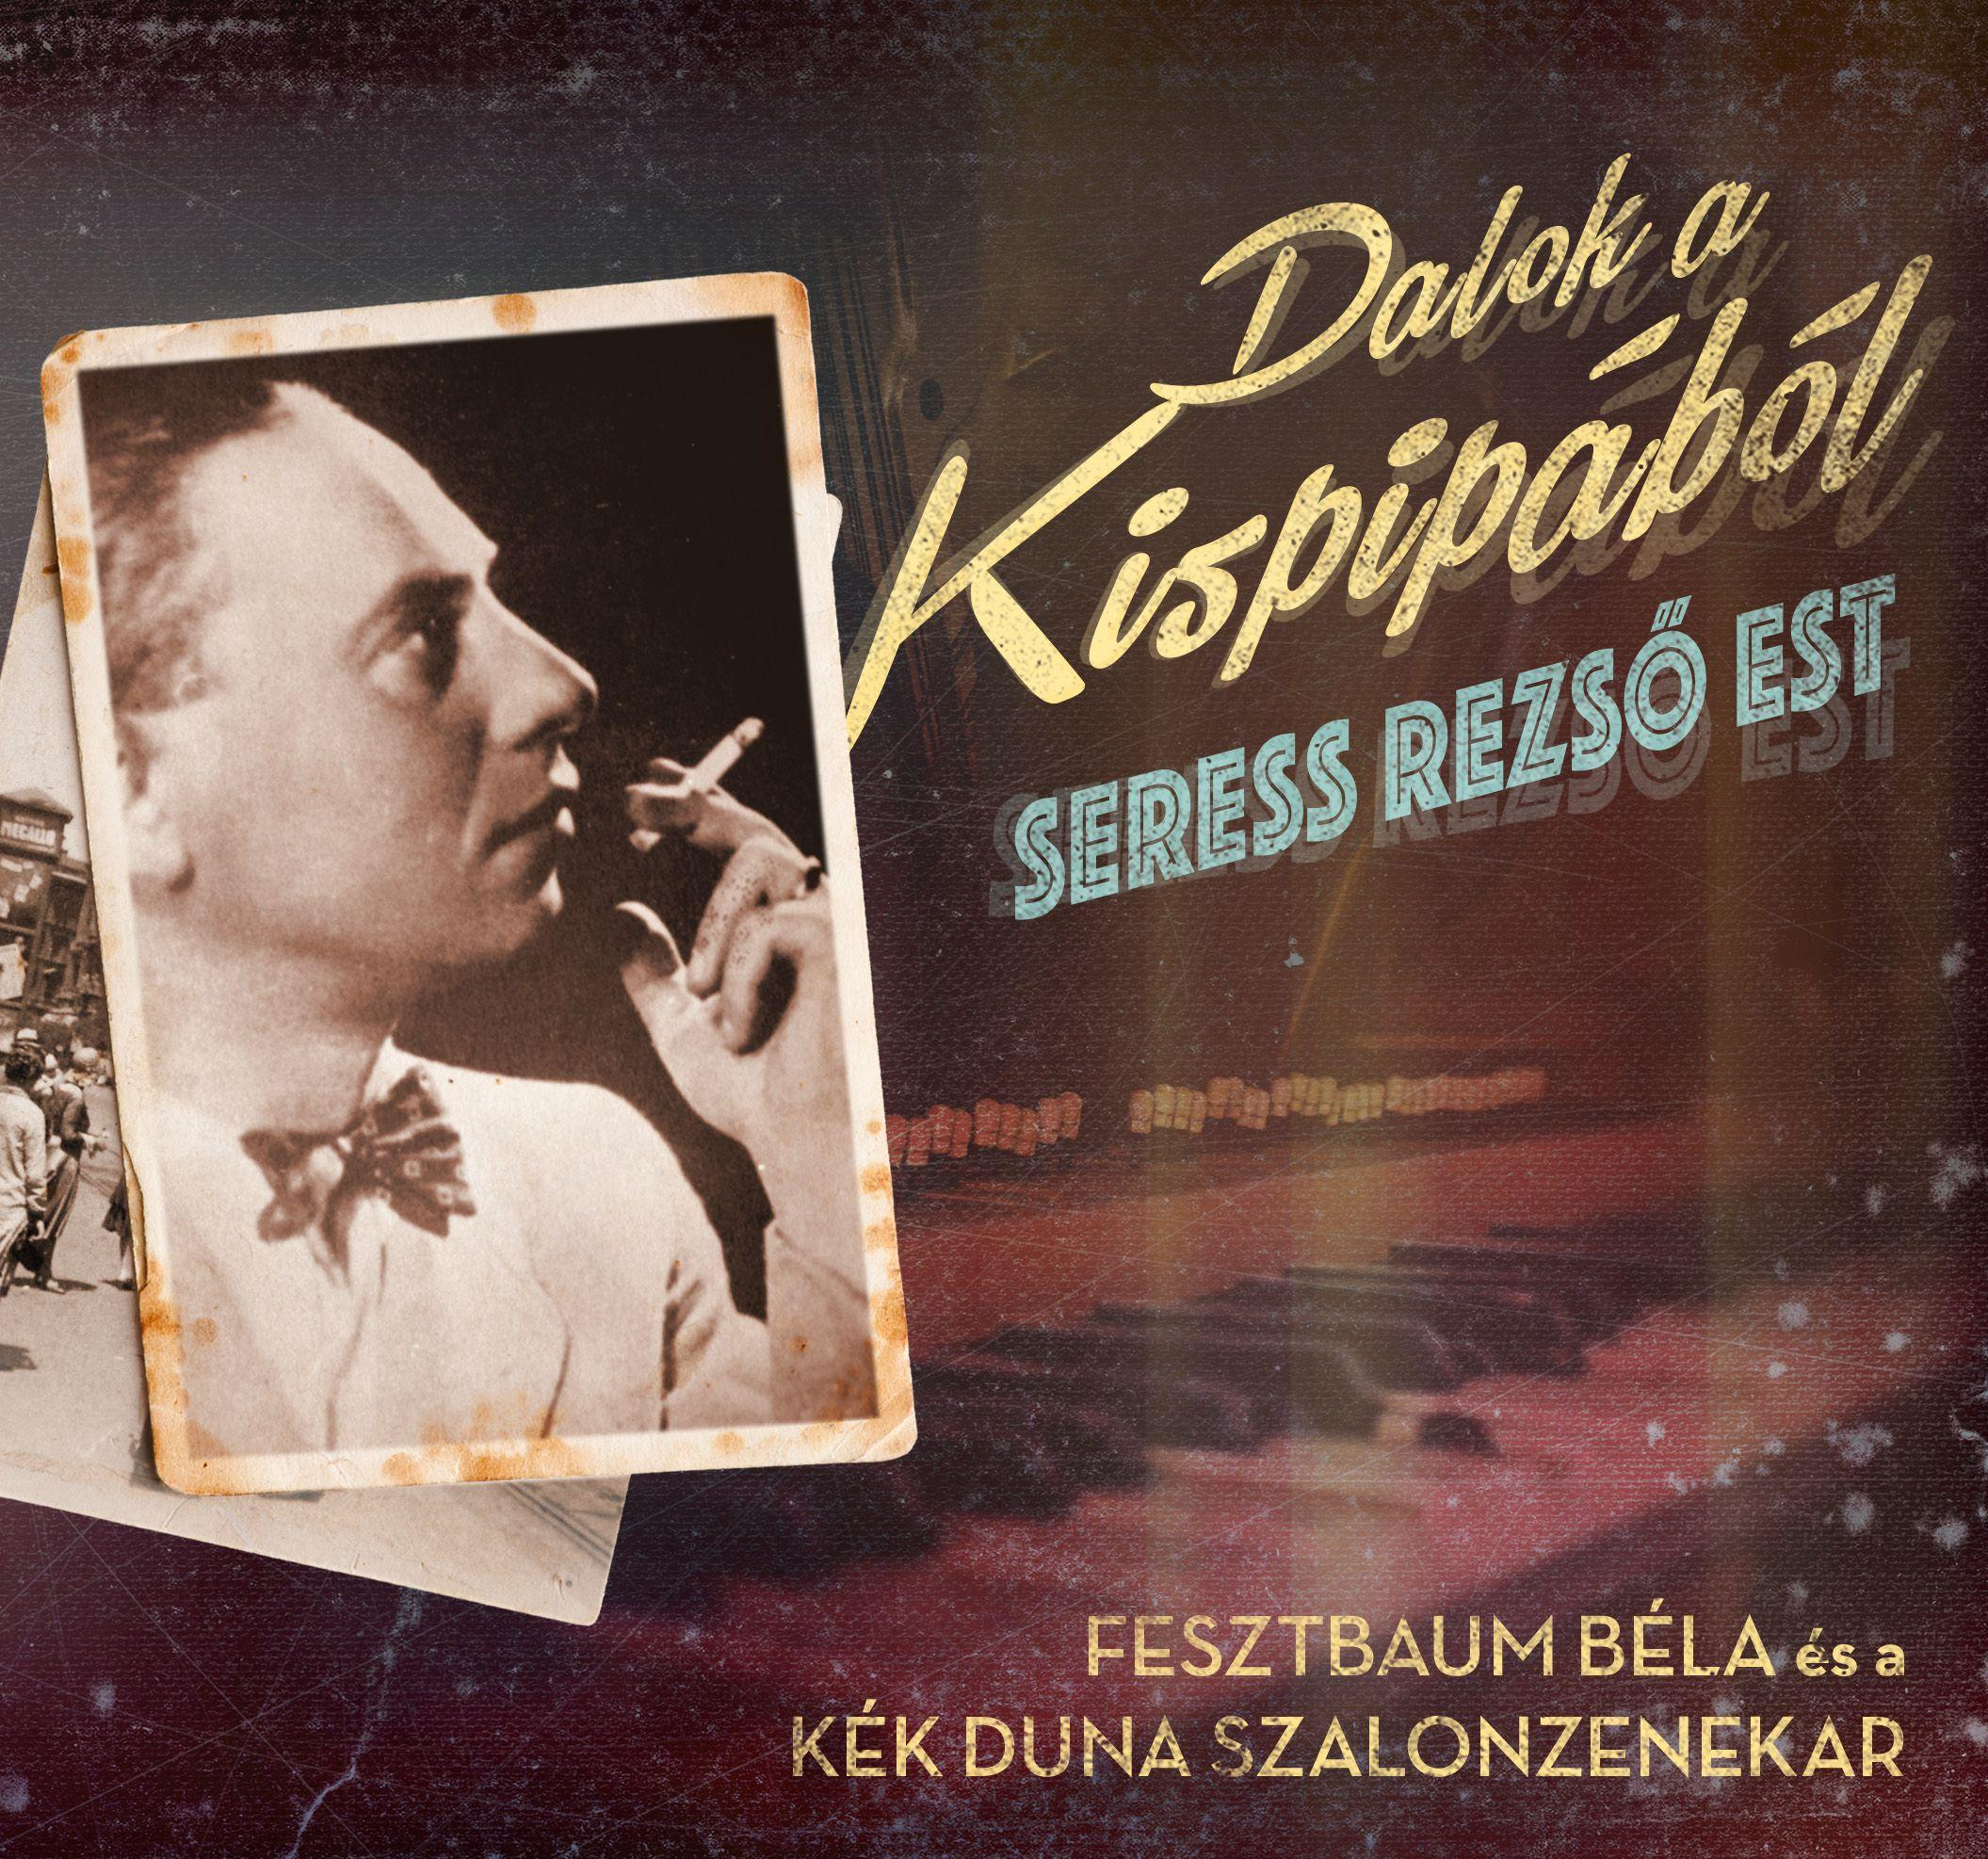 DALOK A KISPIPÁBÓL - SERES REZSŐ EST - CD -